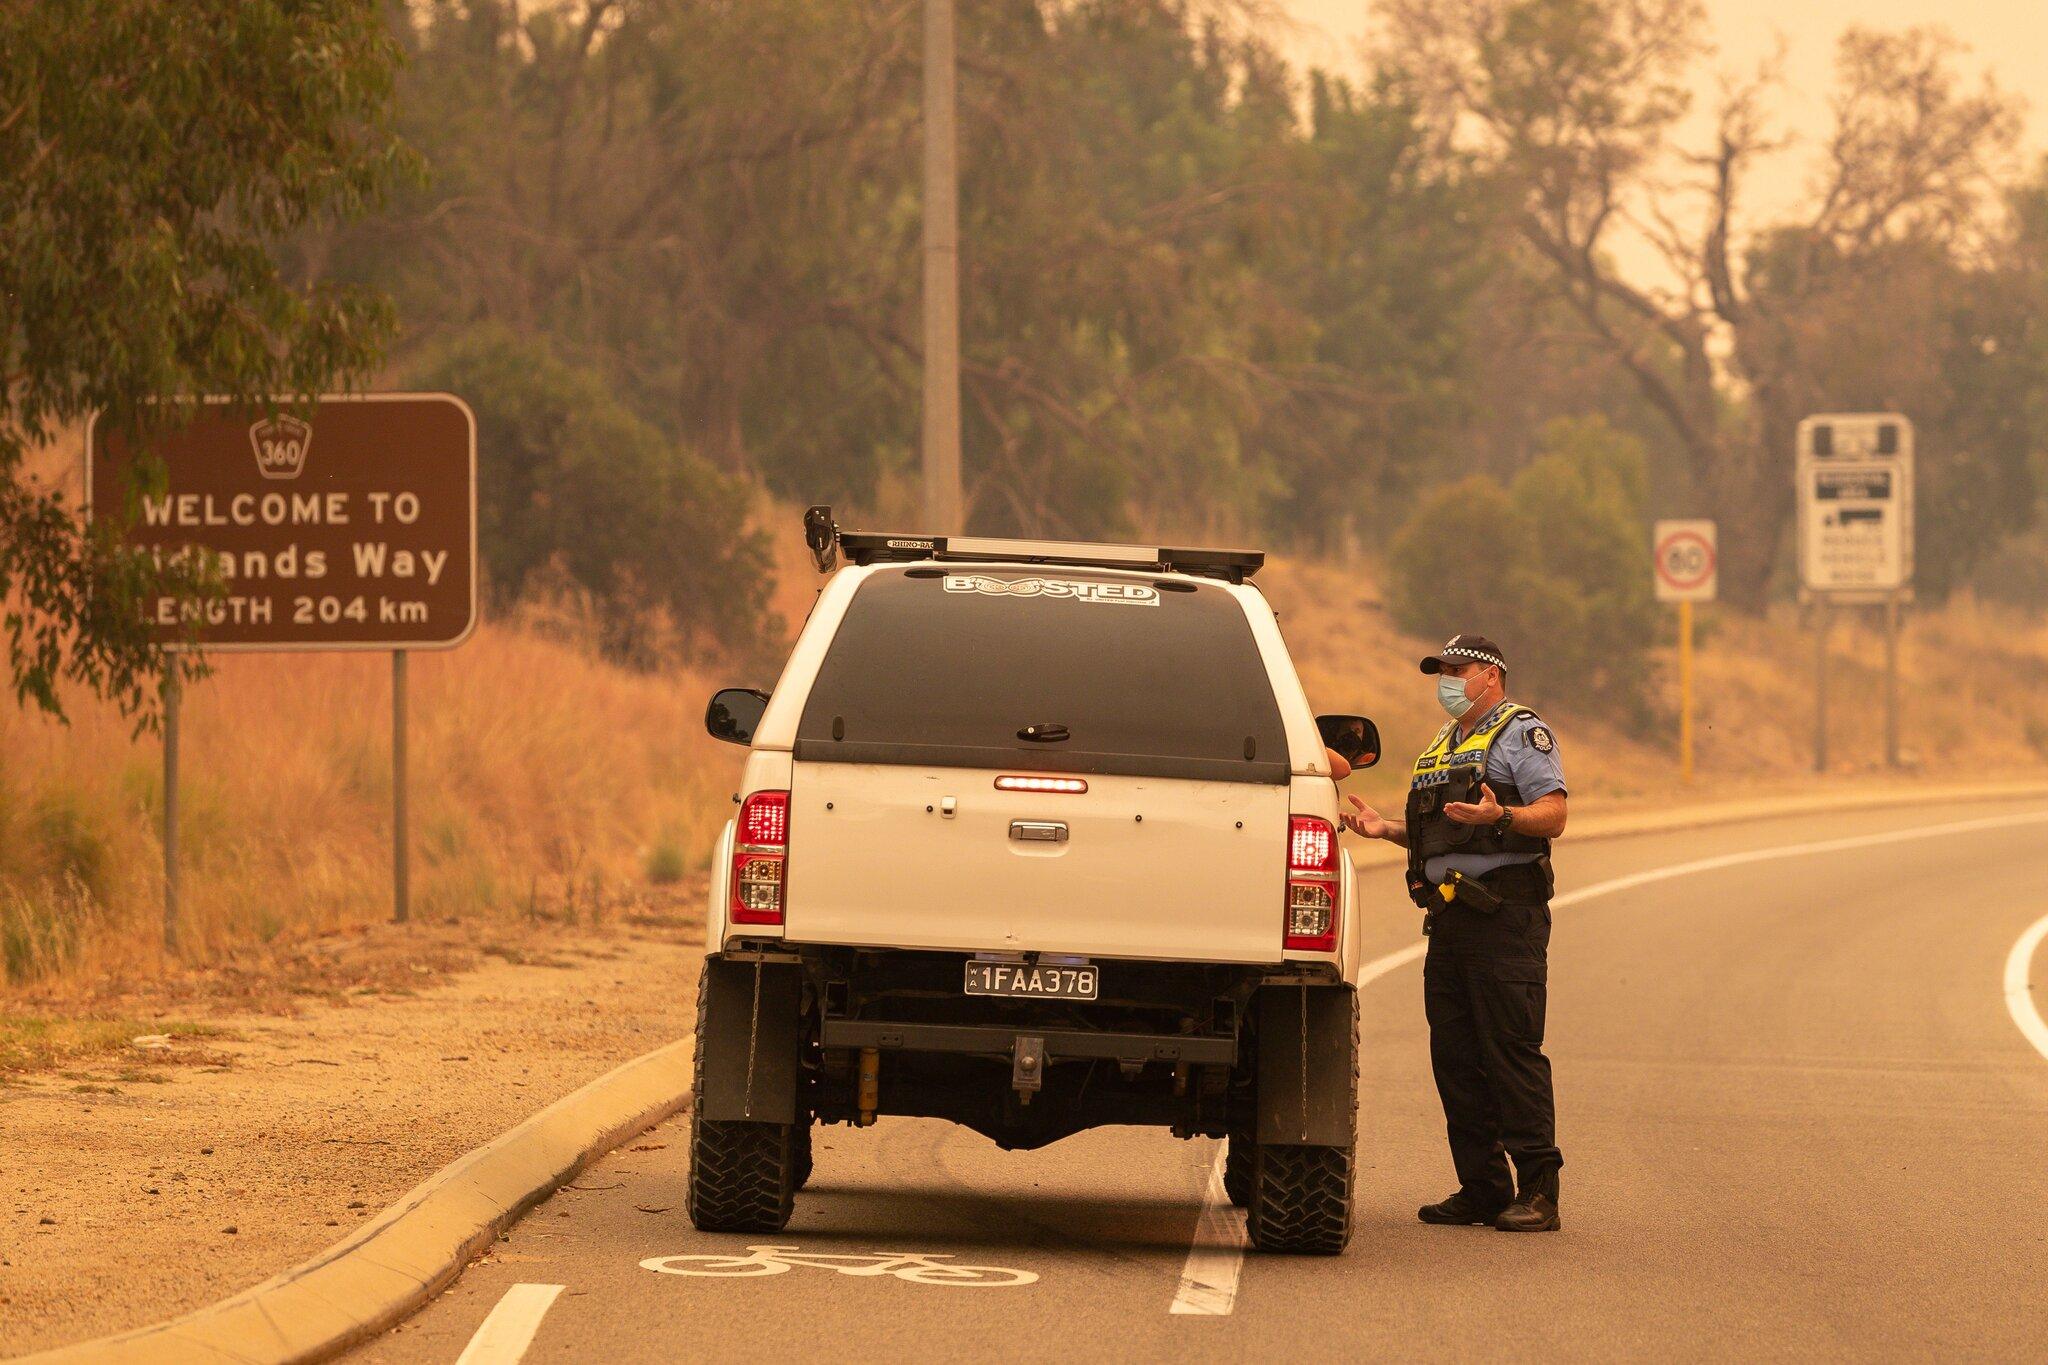 珀斯市的一处警方检查站(美联社)